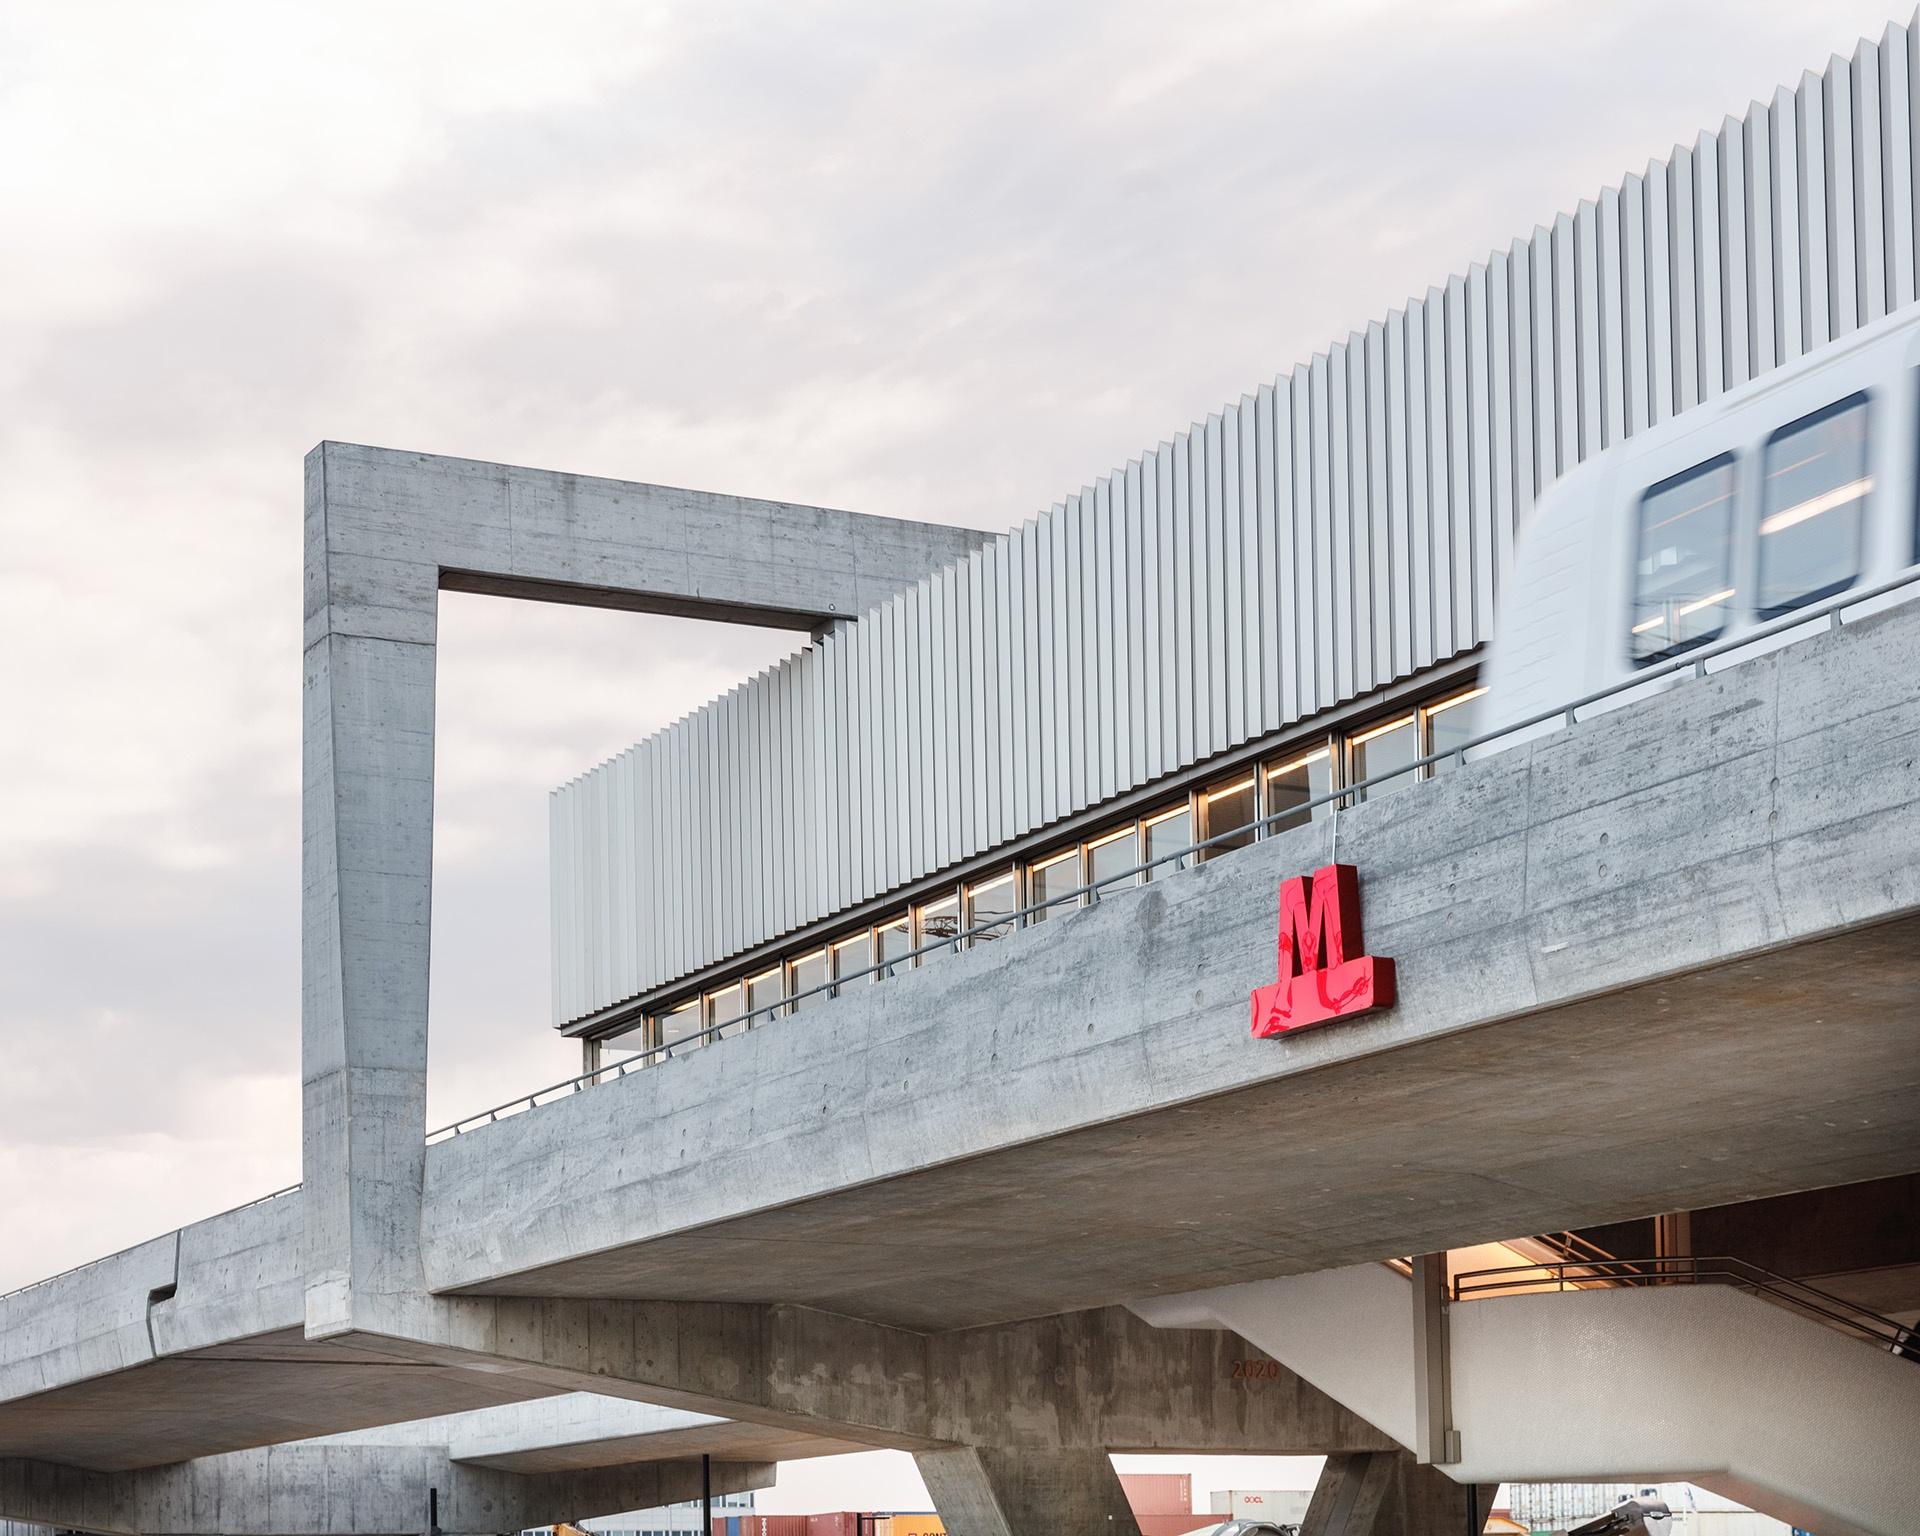 R_Hjortshoj - Metro Orientkaj WEB-7